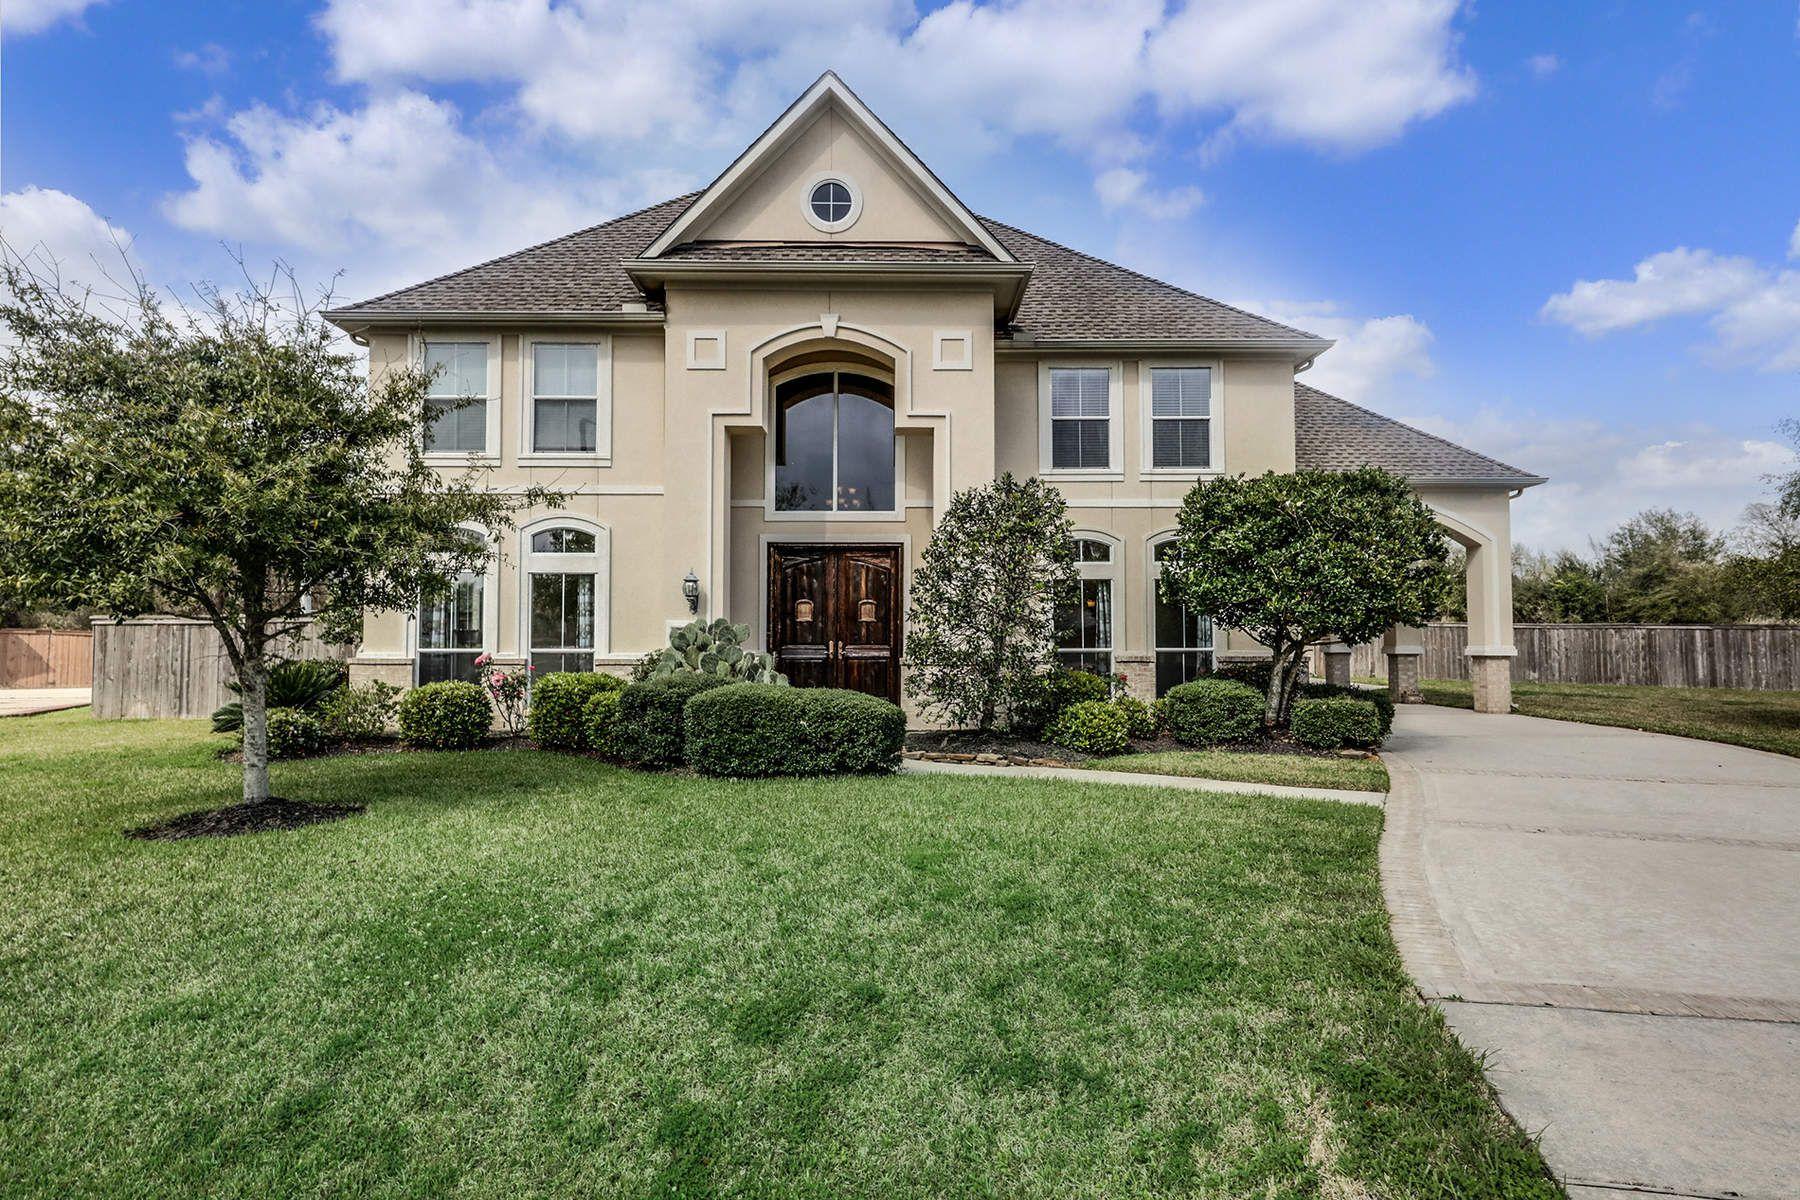 Частный односемейный дом для того Продажа на 2214 Lakeway Drive Friendswood, Техас, 77546 Соединенные Штаты